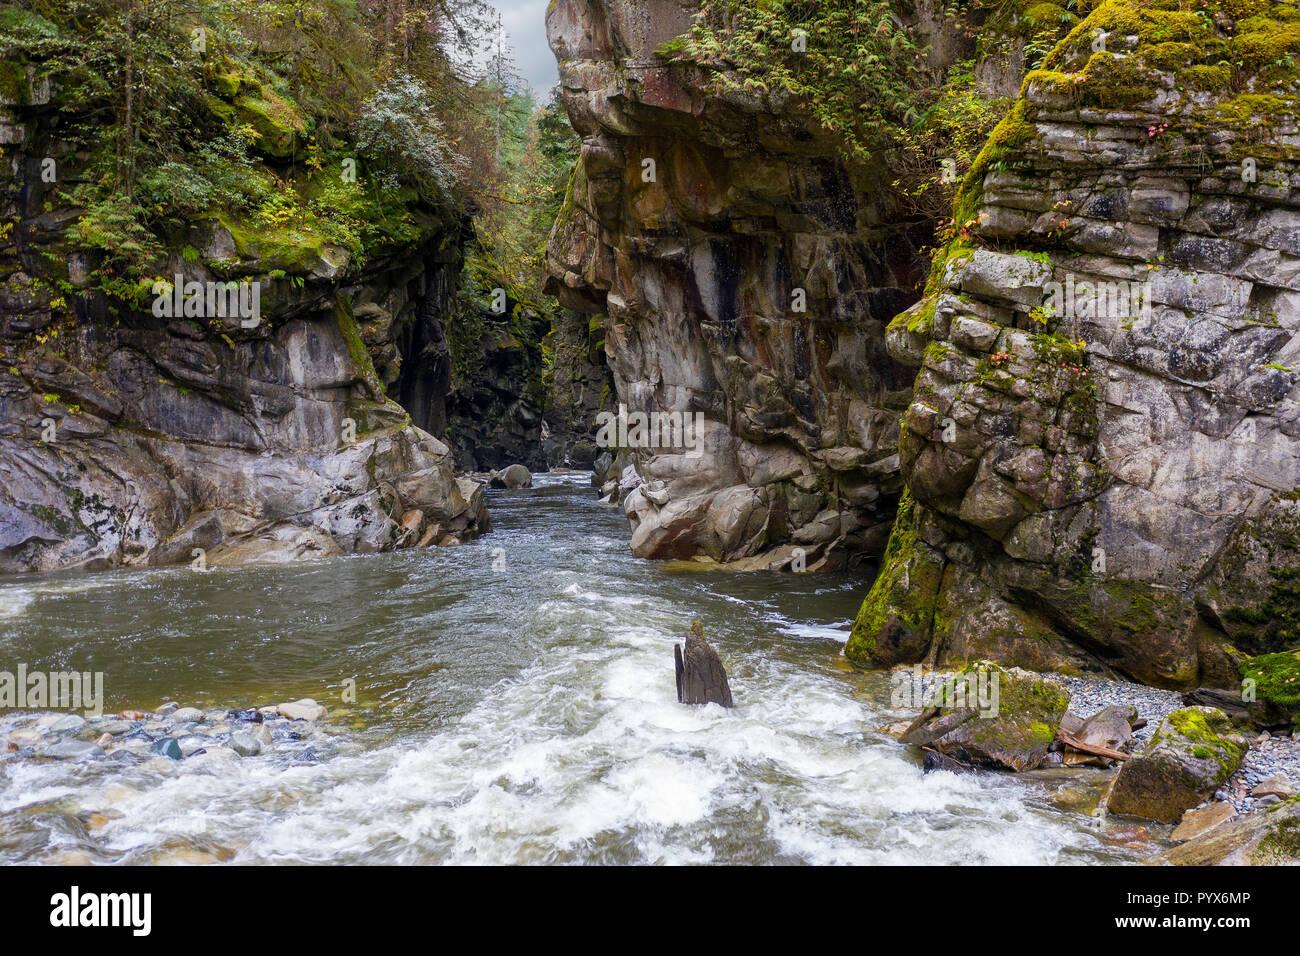 Coquihalla río que fluye hacia el cañón en el Parque Provincial Coquihalla Canyon, cerca de esperanza, British Columbia, Canadá. Foto de stock